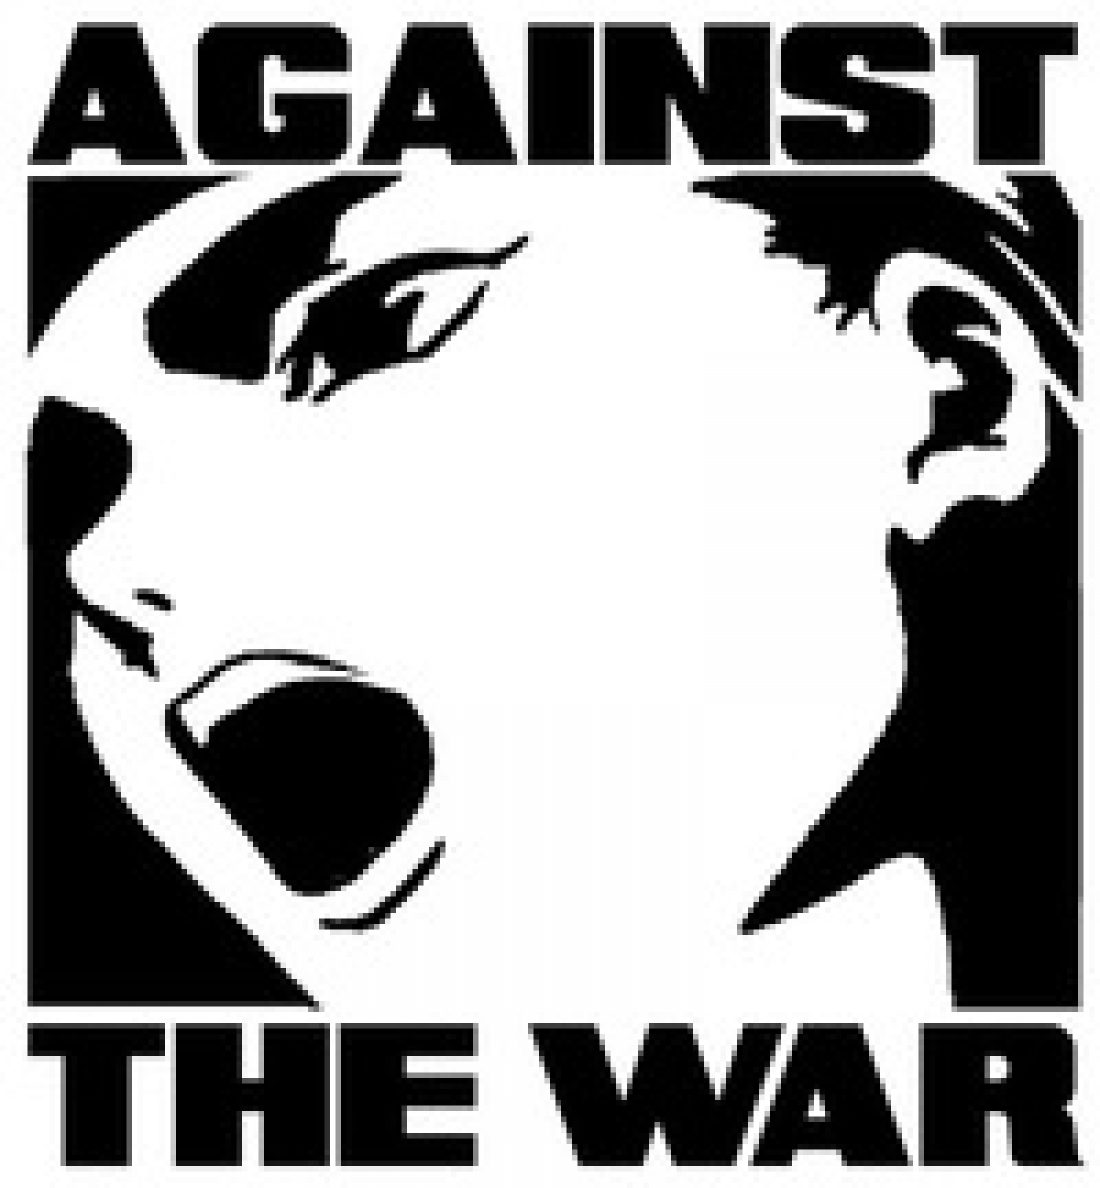 Grupos musicales y Movimientos sociales publican manifiesto de posición antifascista.